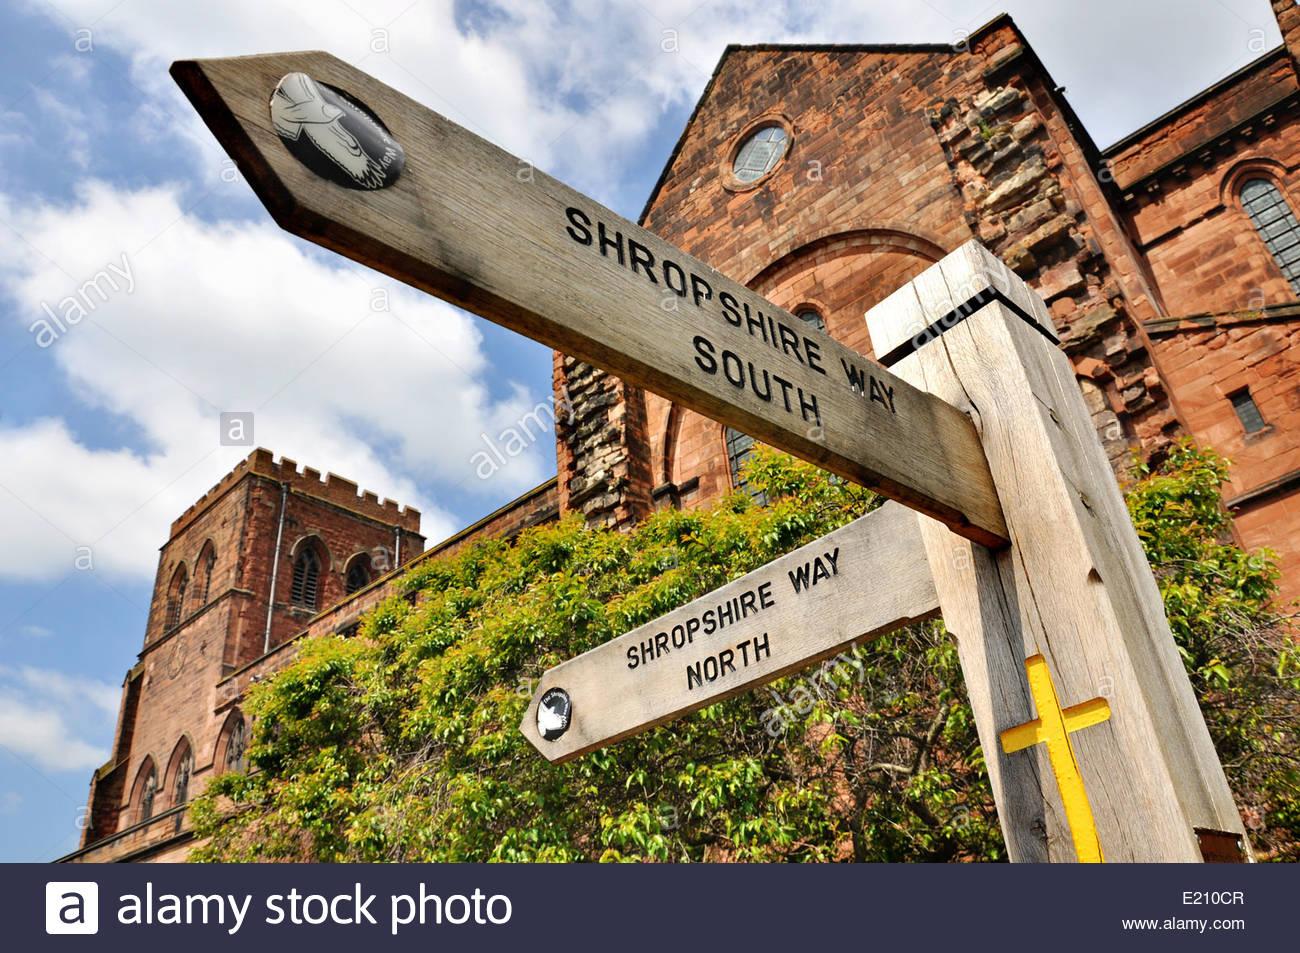 Bohnenstroh Shropshire Weg Finger an der Abteikirche in Shrewsbury, Shropshire, UK Stockbild